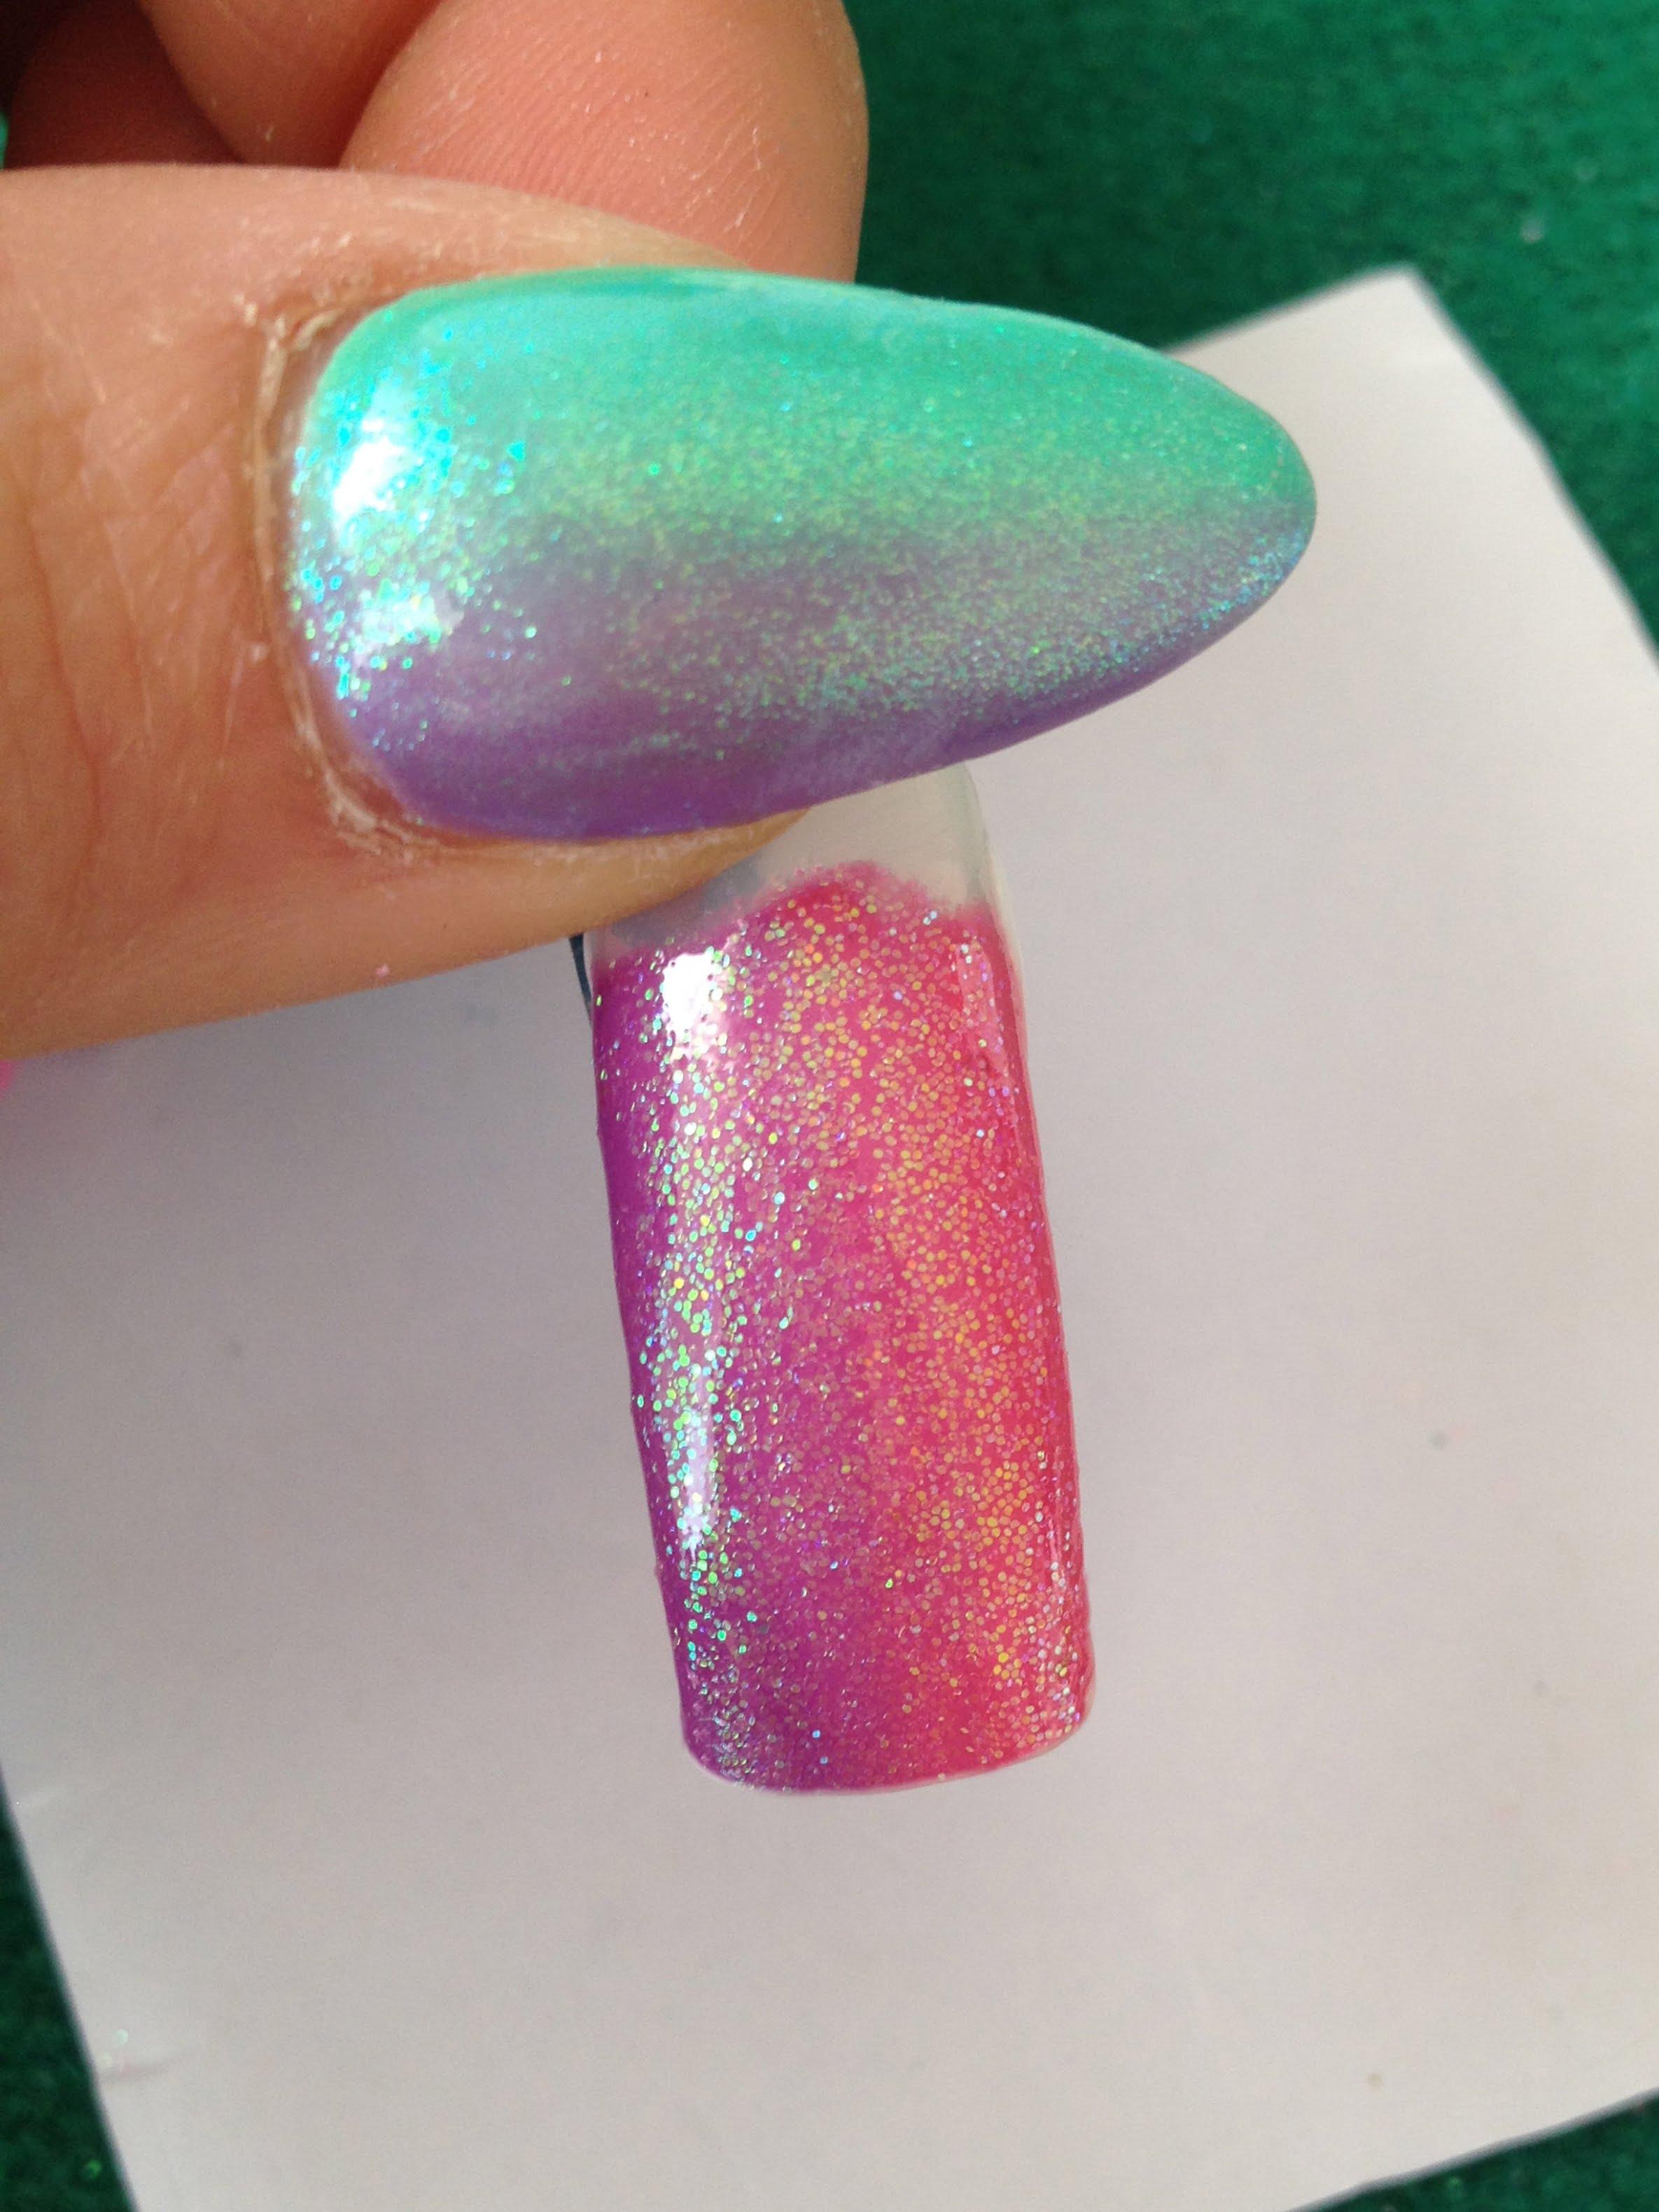 Pigmenti metallici polvere effetto specchio cromato camaleonte sirena - Unghie gel specchio ...